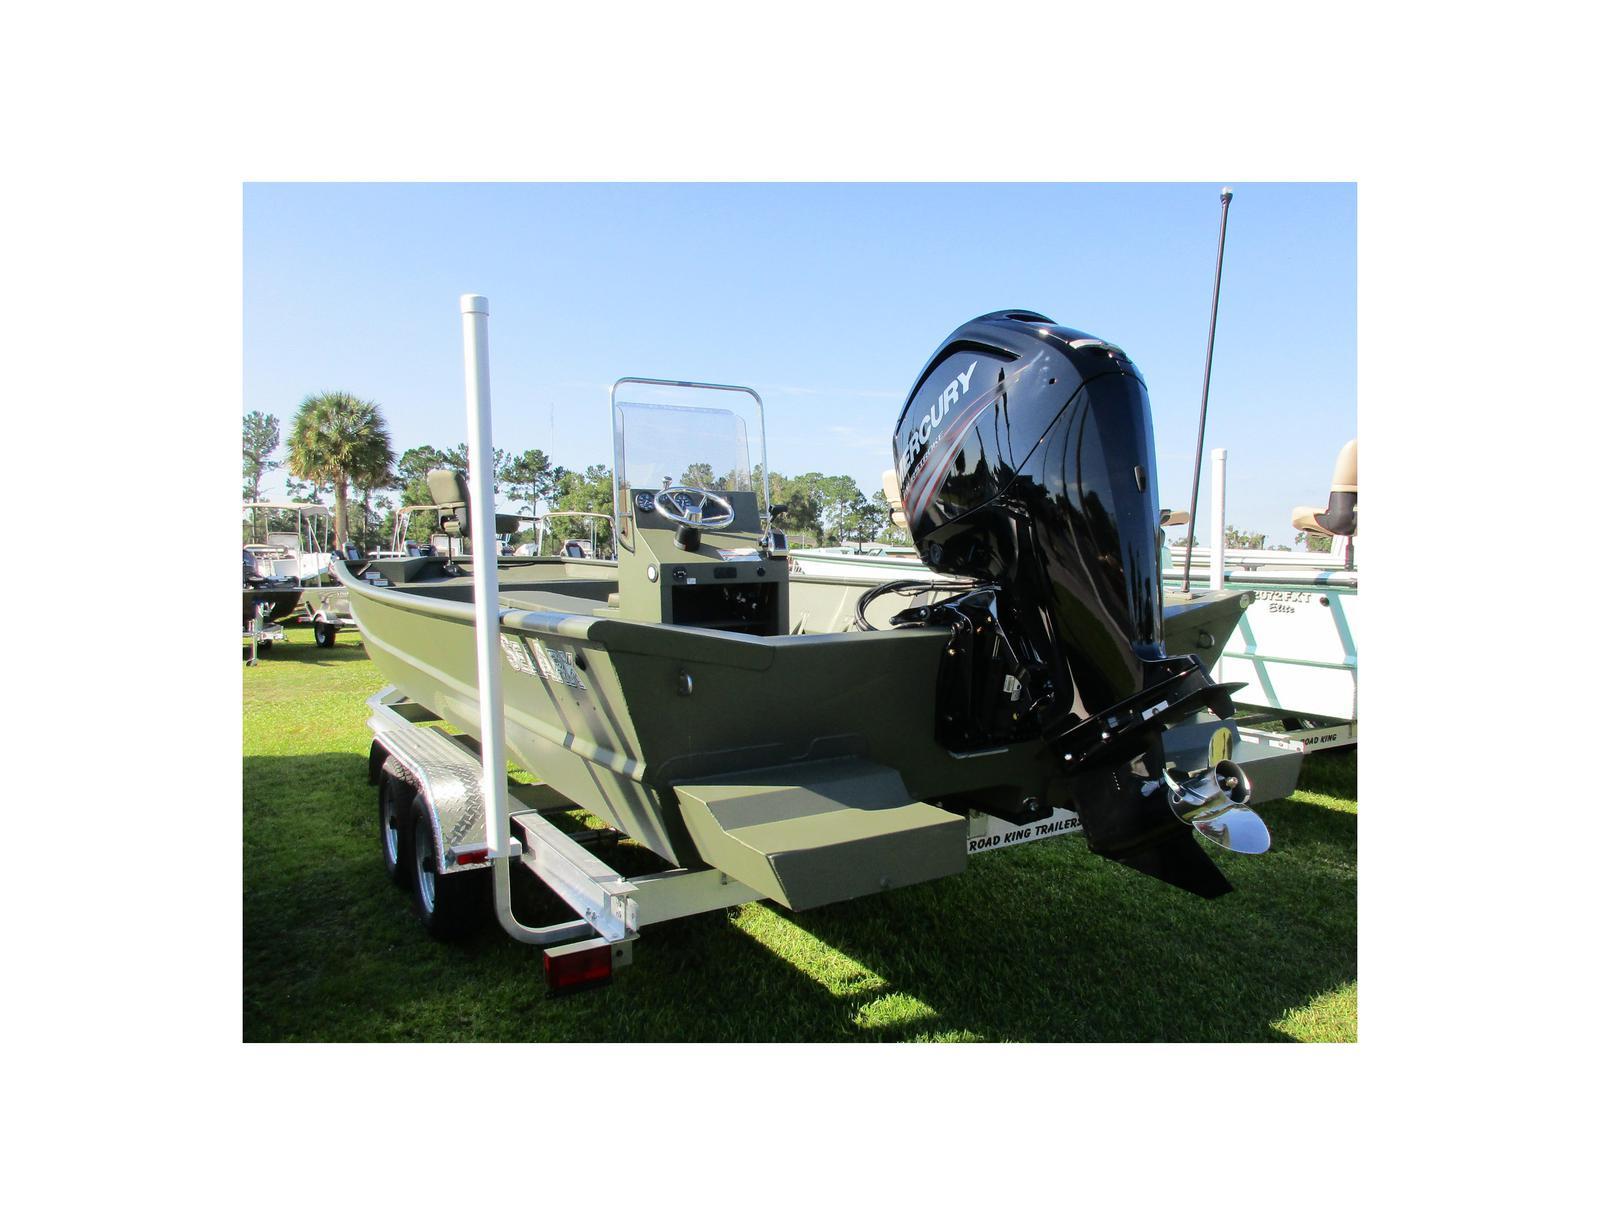 2018 SeaArk 2472 MVT for sale in Ocala, FL   Millers Boating Center (877)  898-1474